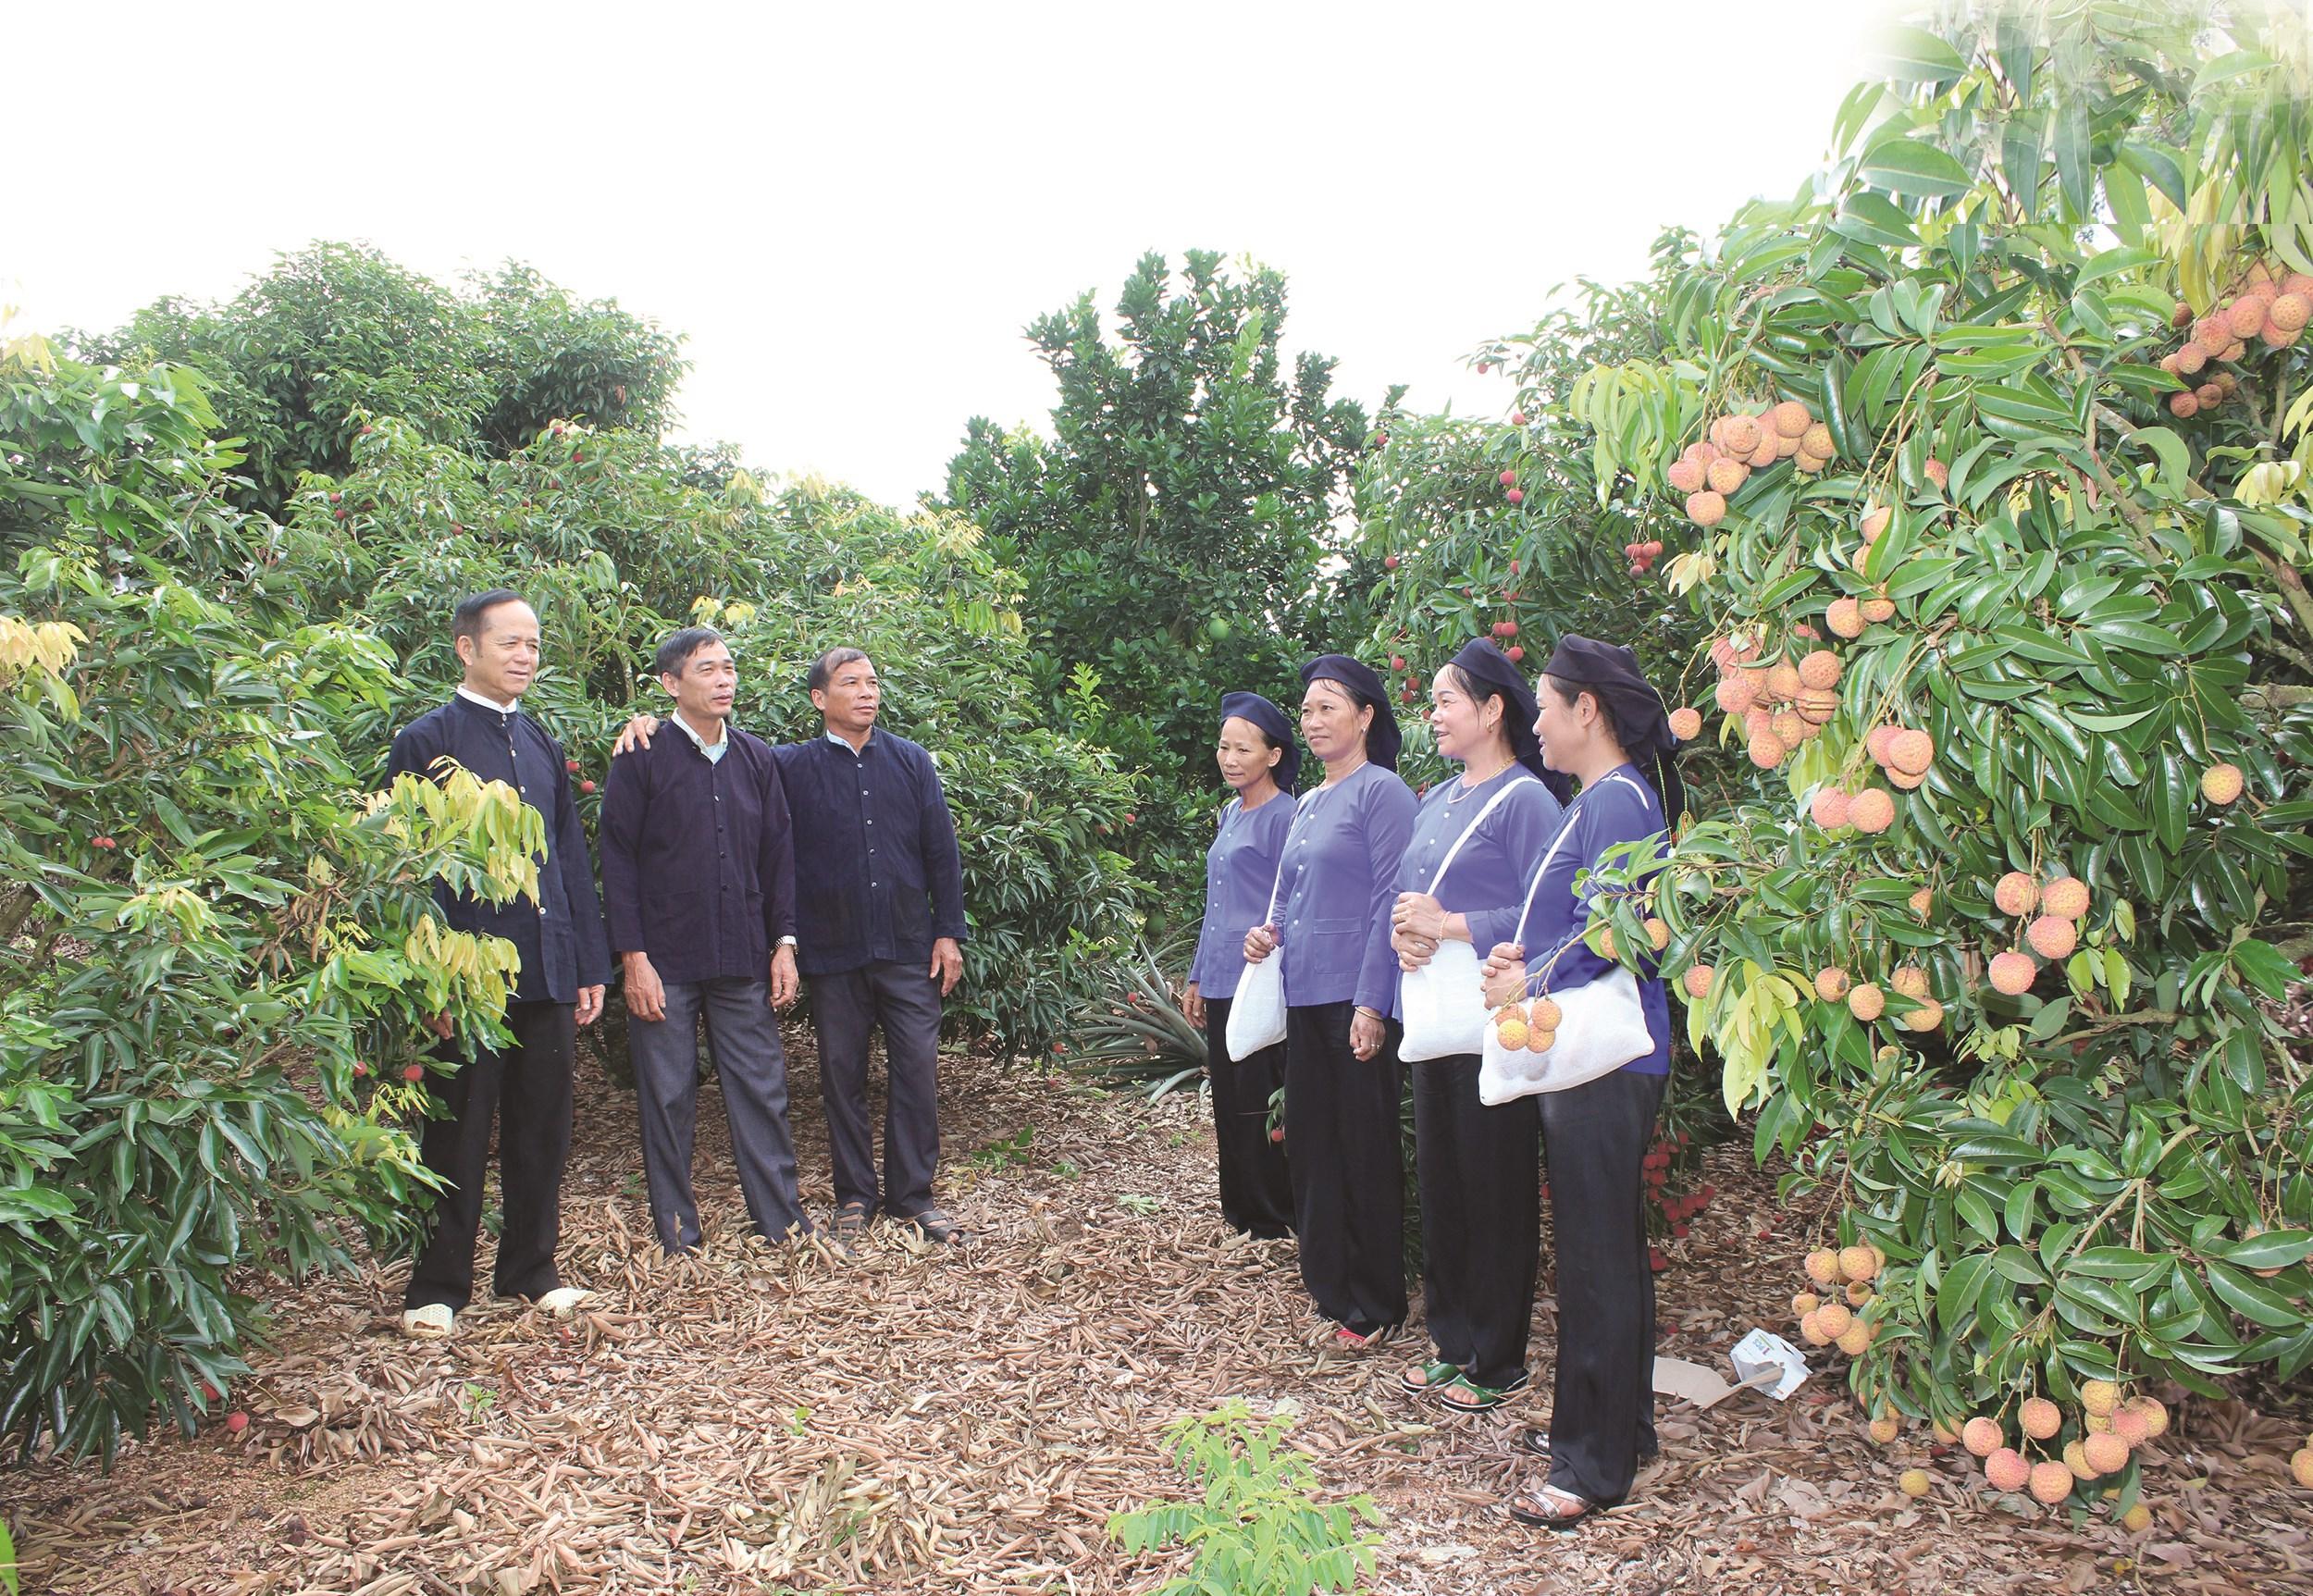 Câu lạc bộ hát dân ca Sán Chí xã Kiên Lao thể hiện một làn điệu hát giao duyên ban ngày